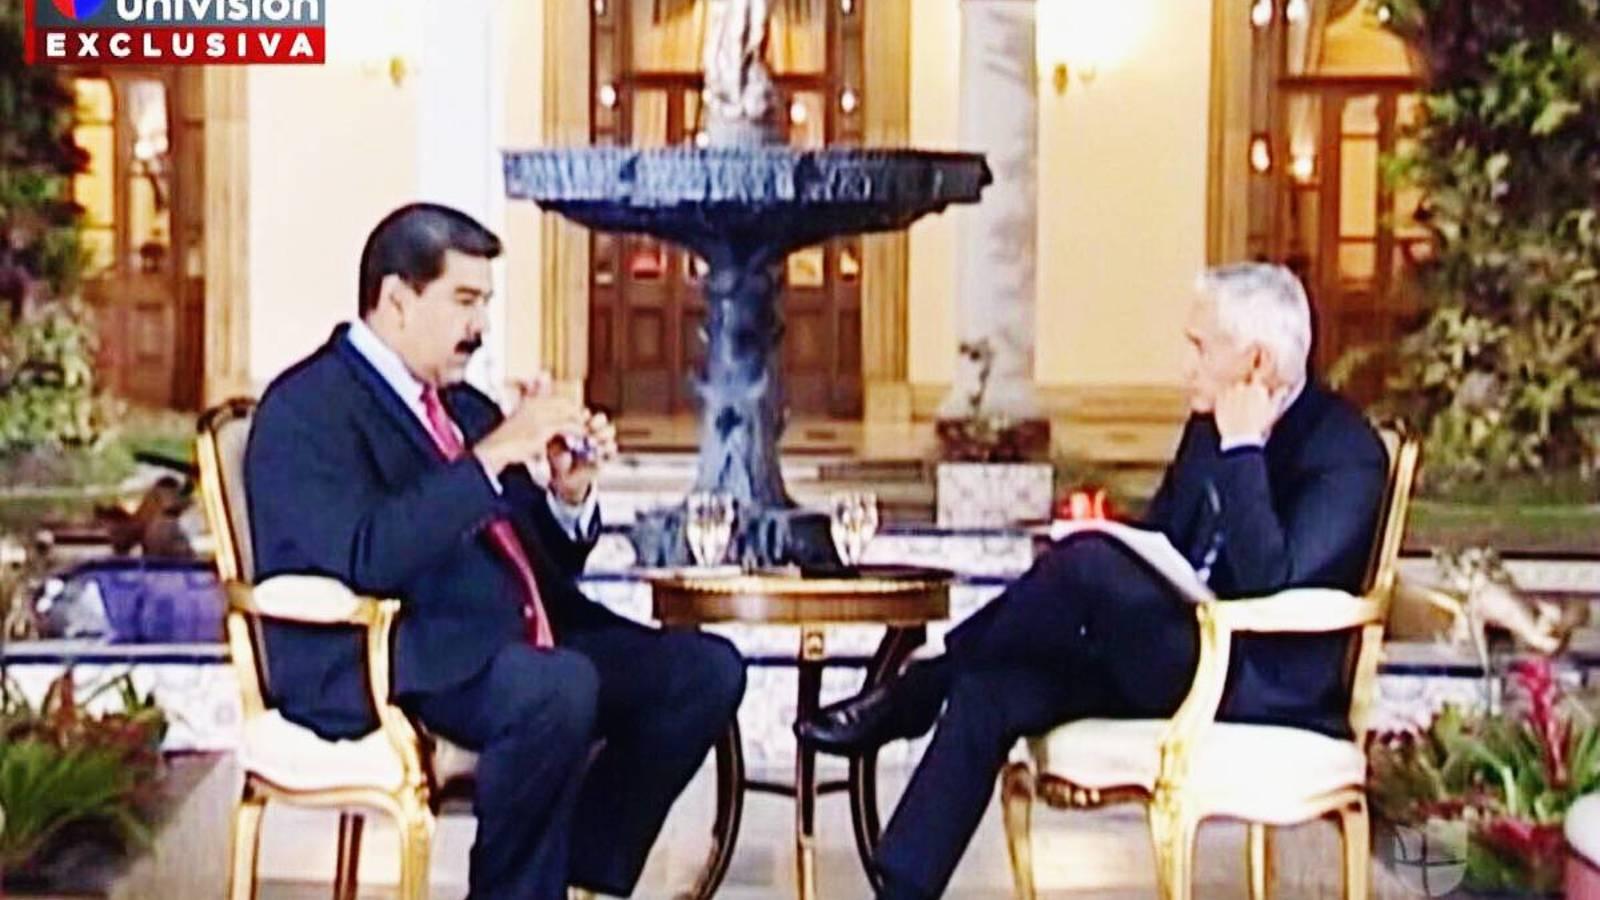 'Eres un opositor de derecha', dijo Maduro a Ramos en entrevista censurada